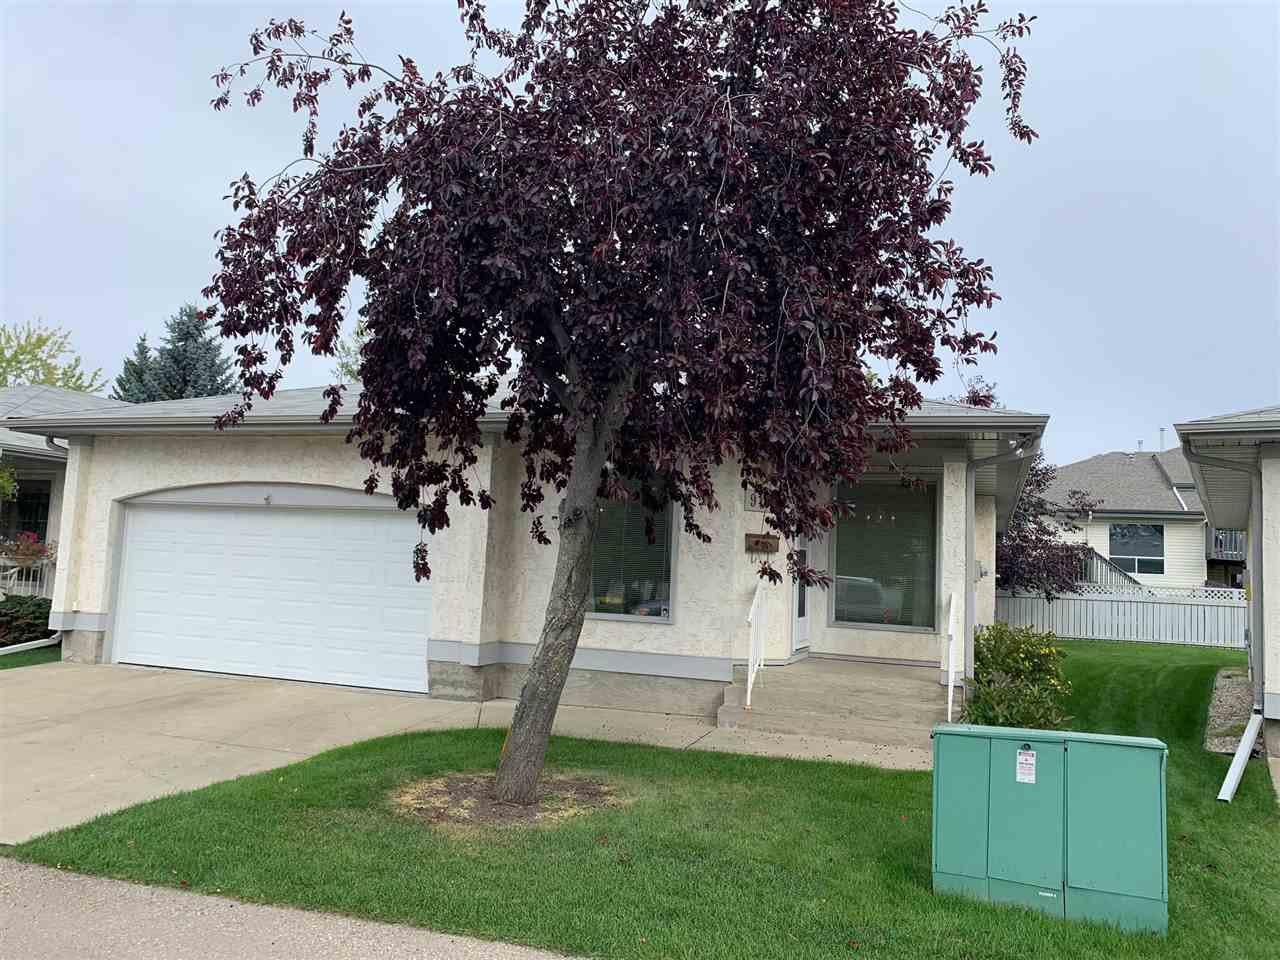 Main Photo: 9114 GRANDIN Road: St. Albert Condo for sale : MLS®# E4176813